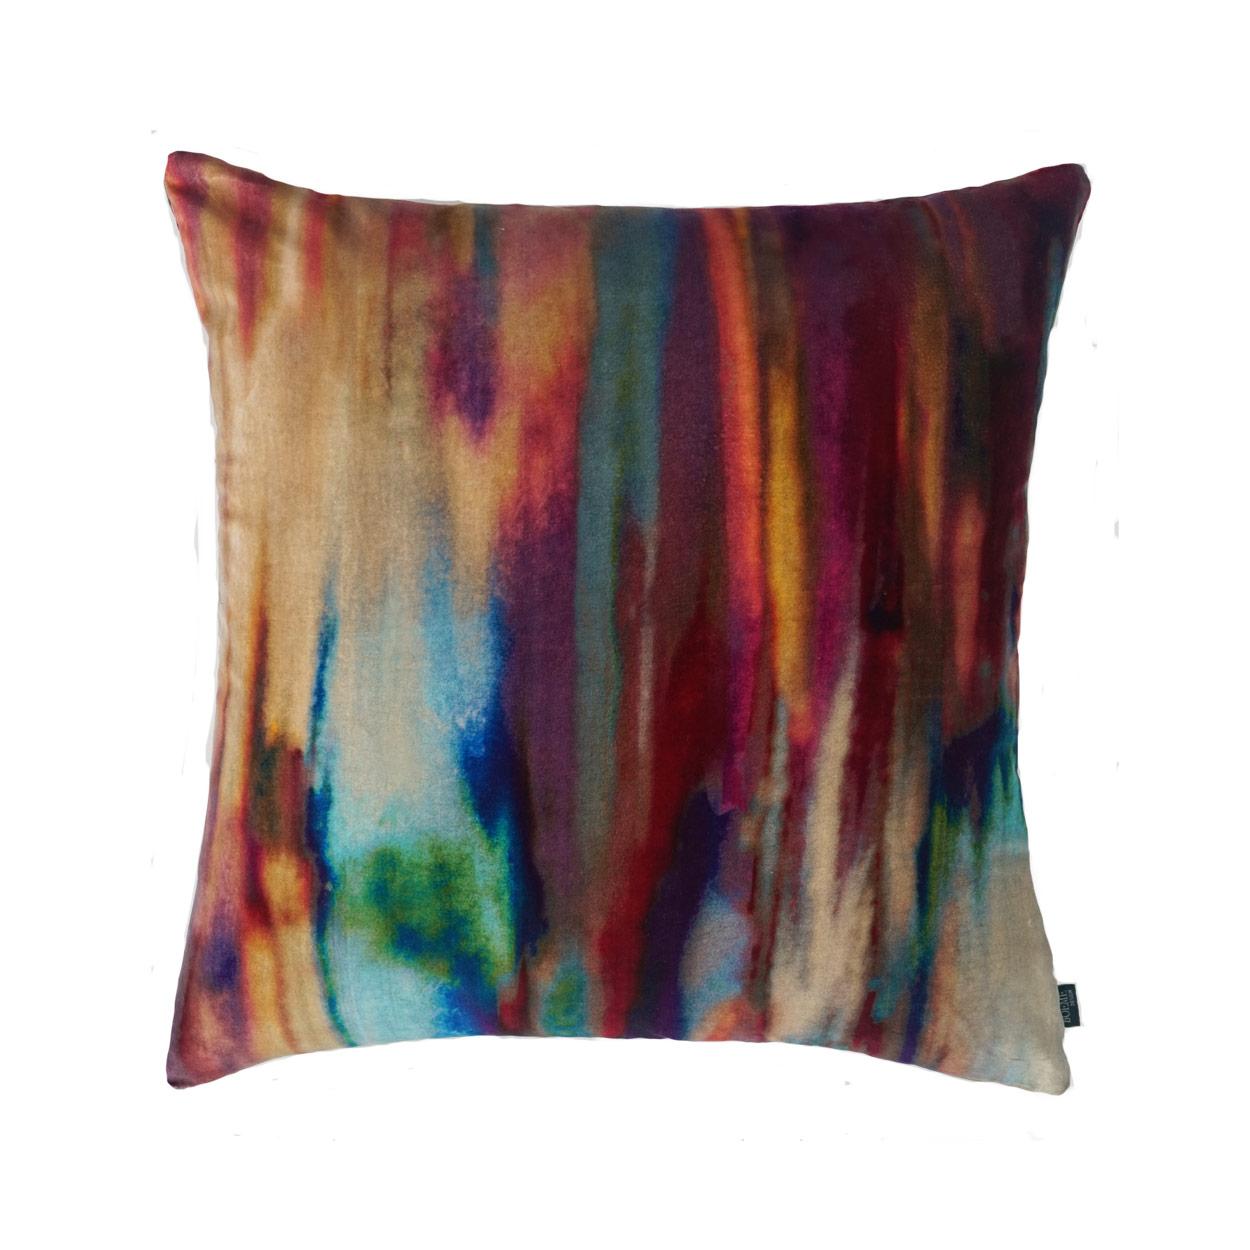 Boeme Cushion - Strata Magenta